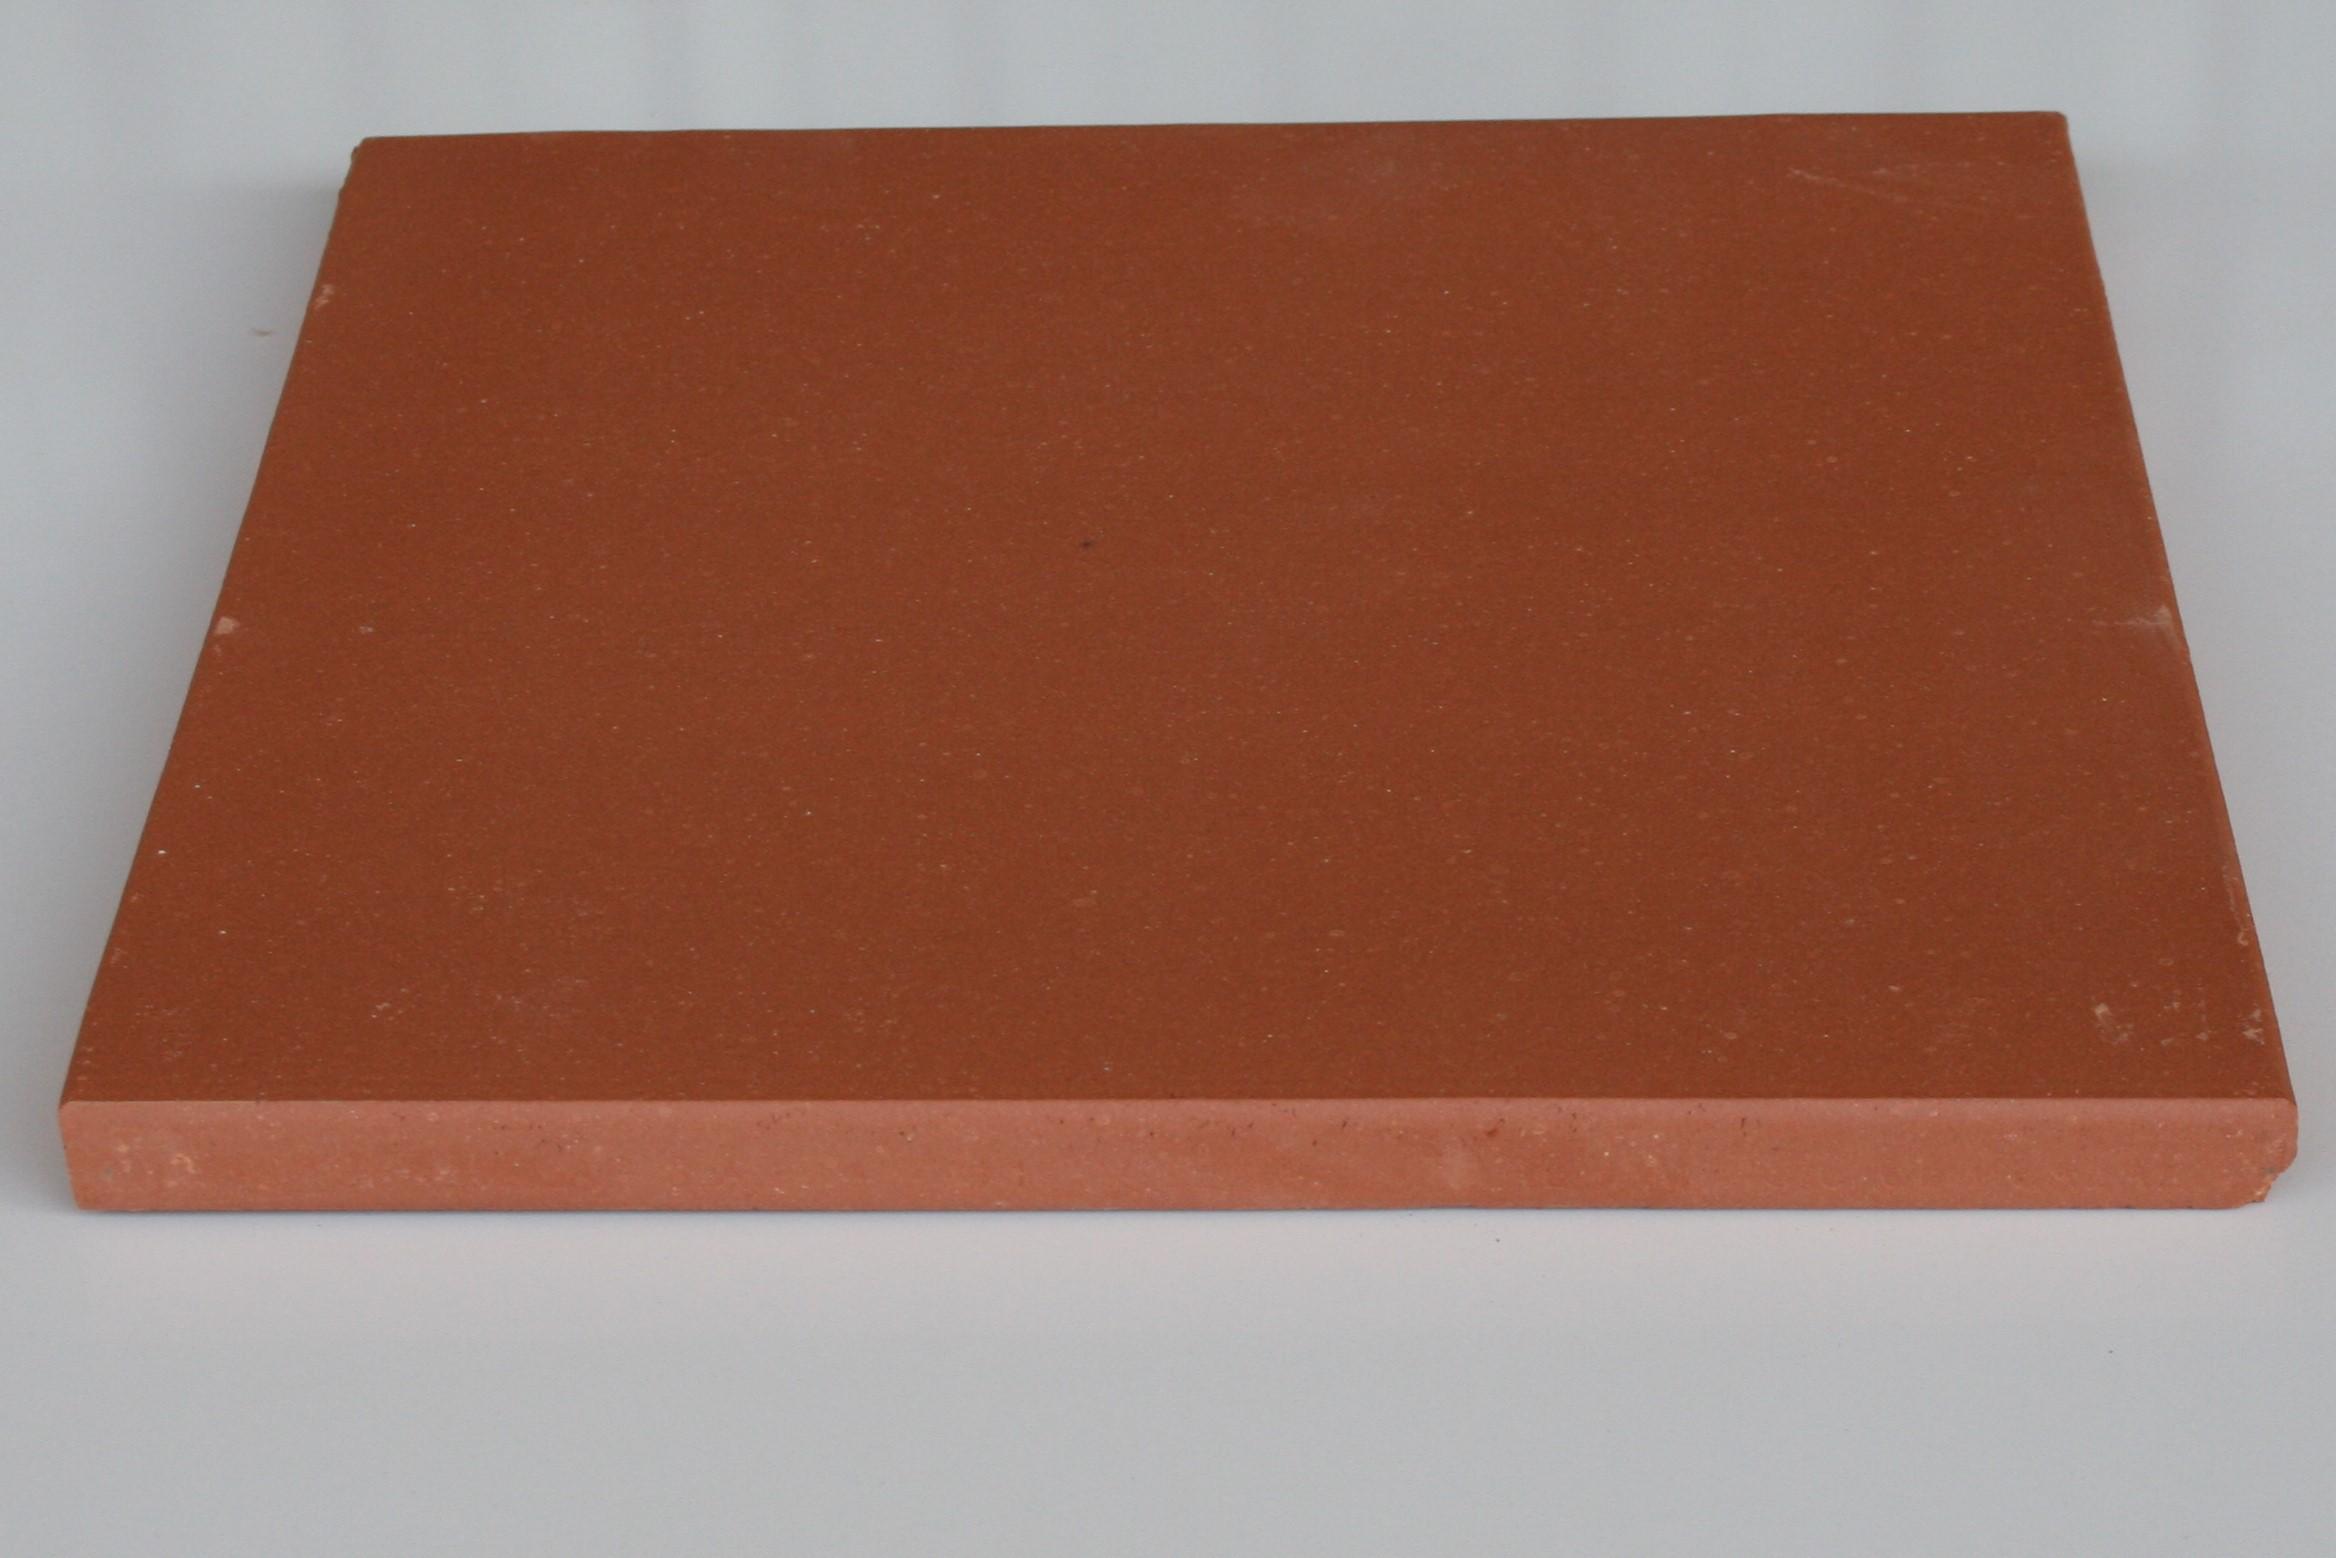 Carreaux terre cuite lisse saumon 28x28x1.6 cm bords arrondis